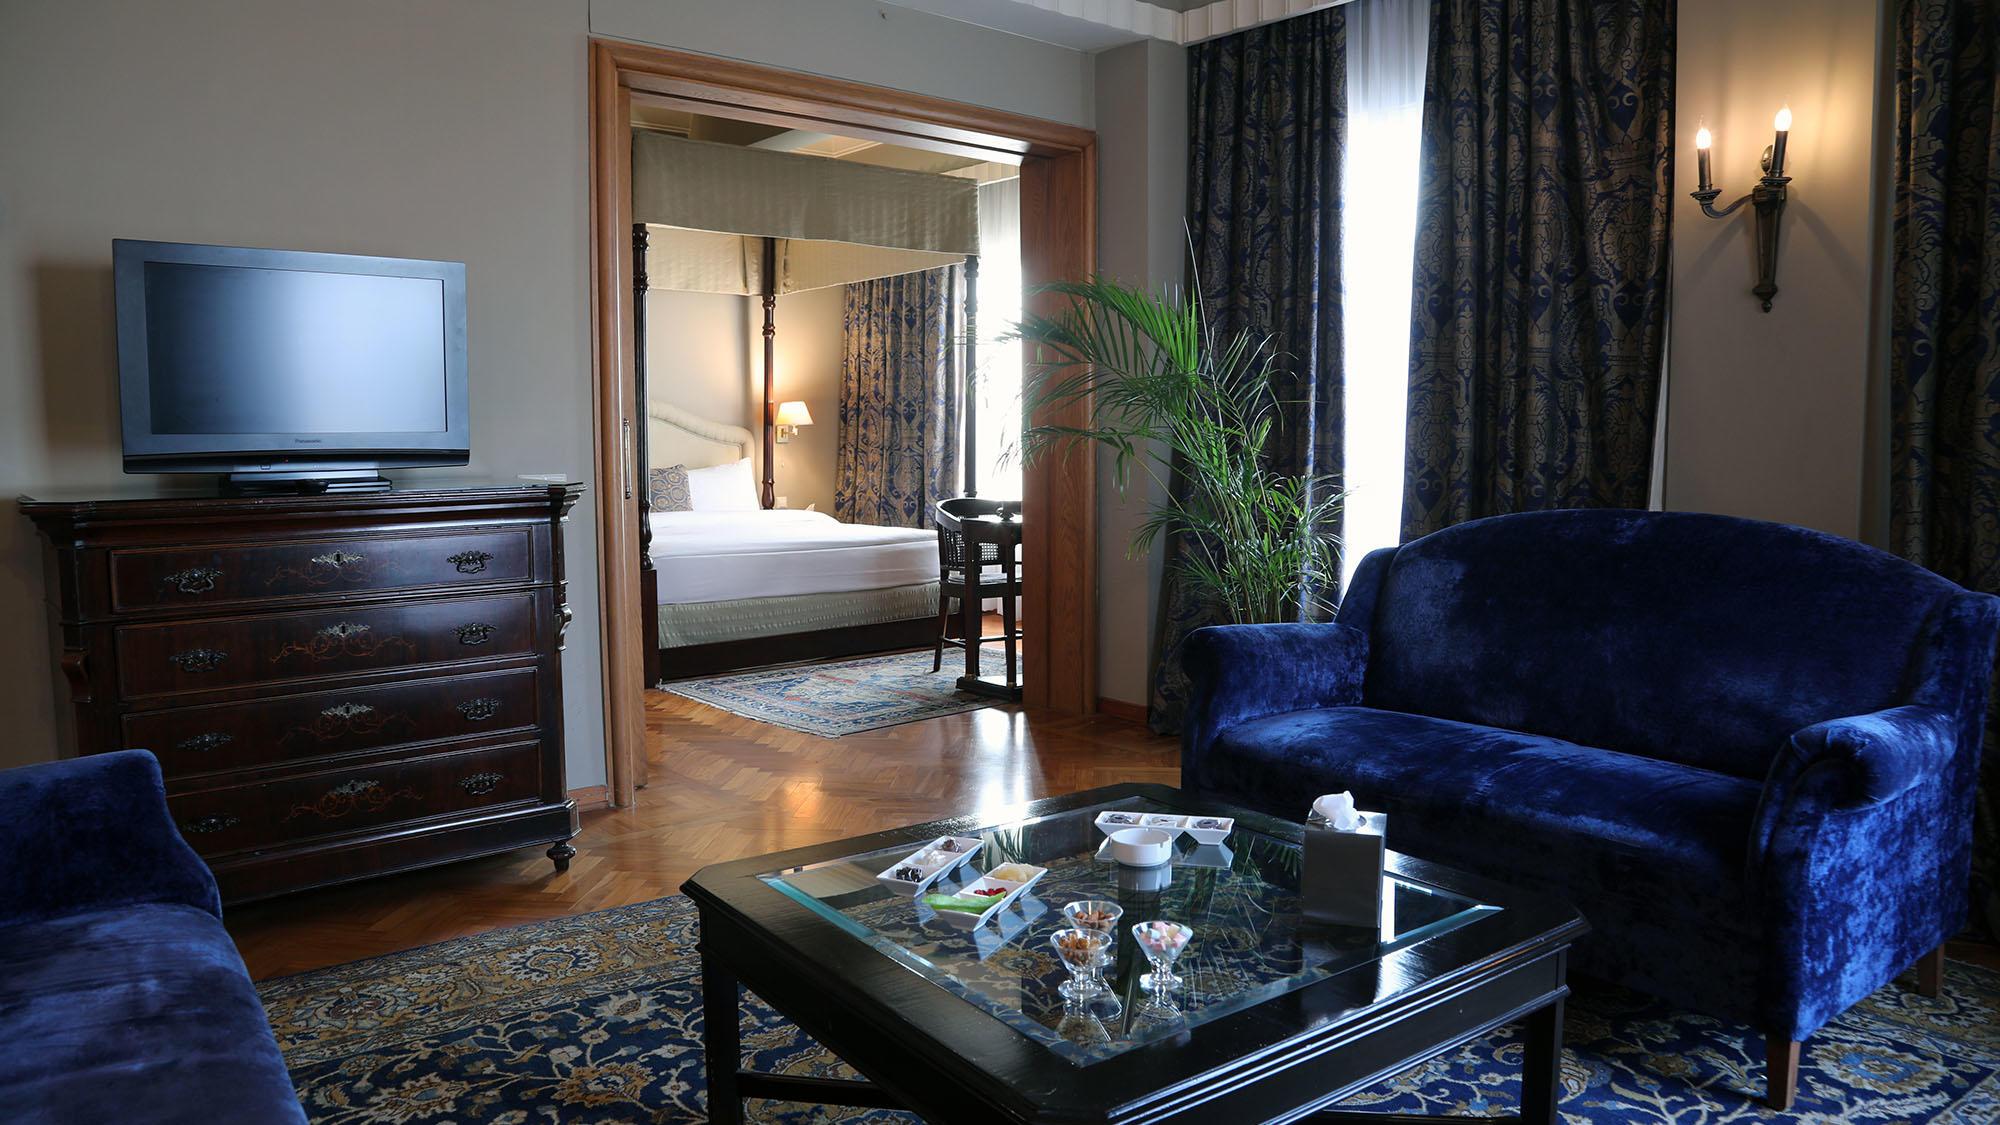 Presidential Suites offer details